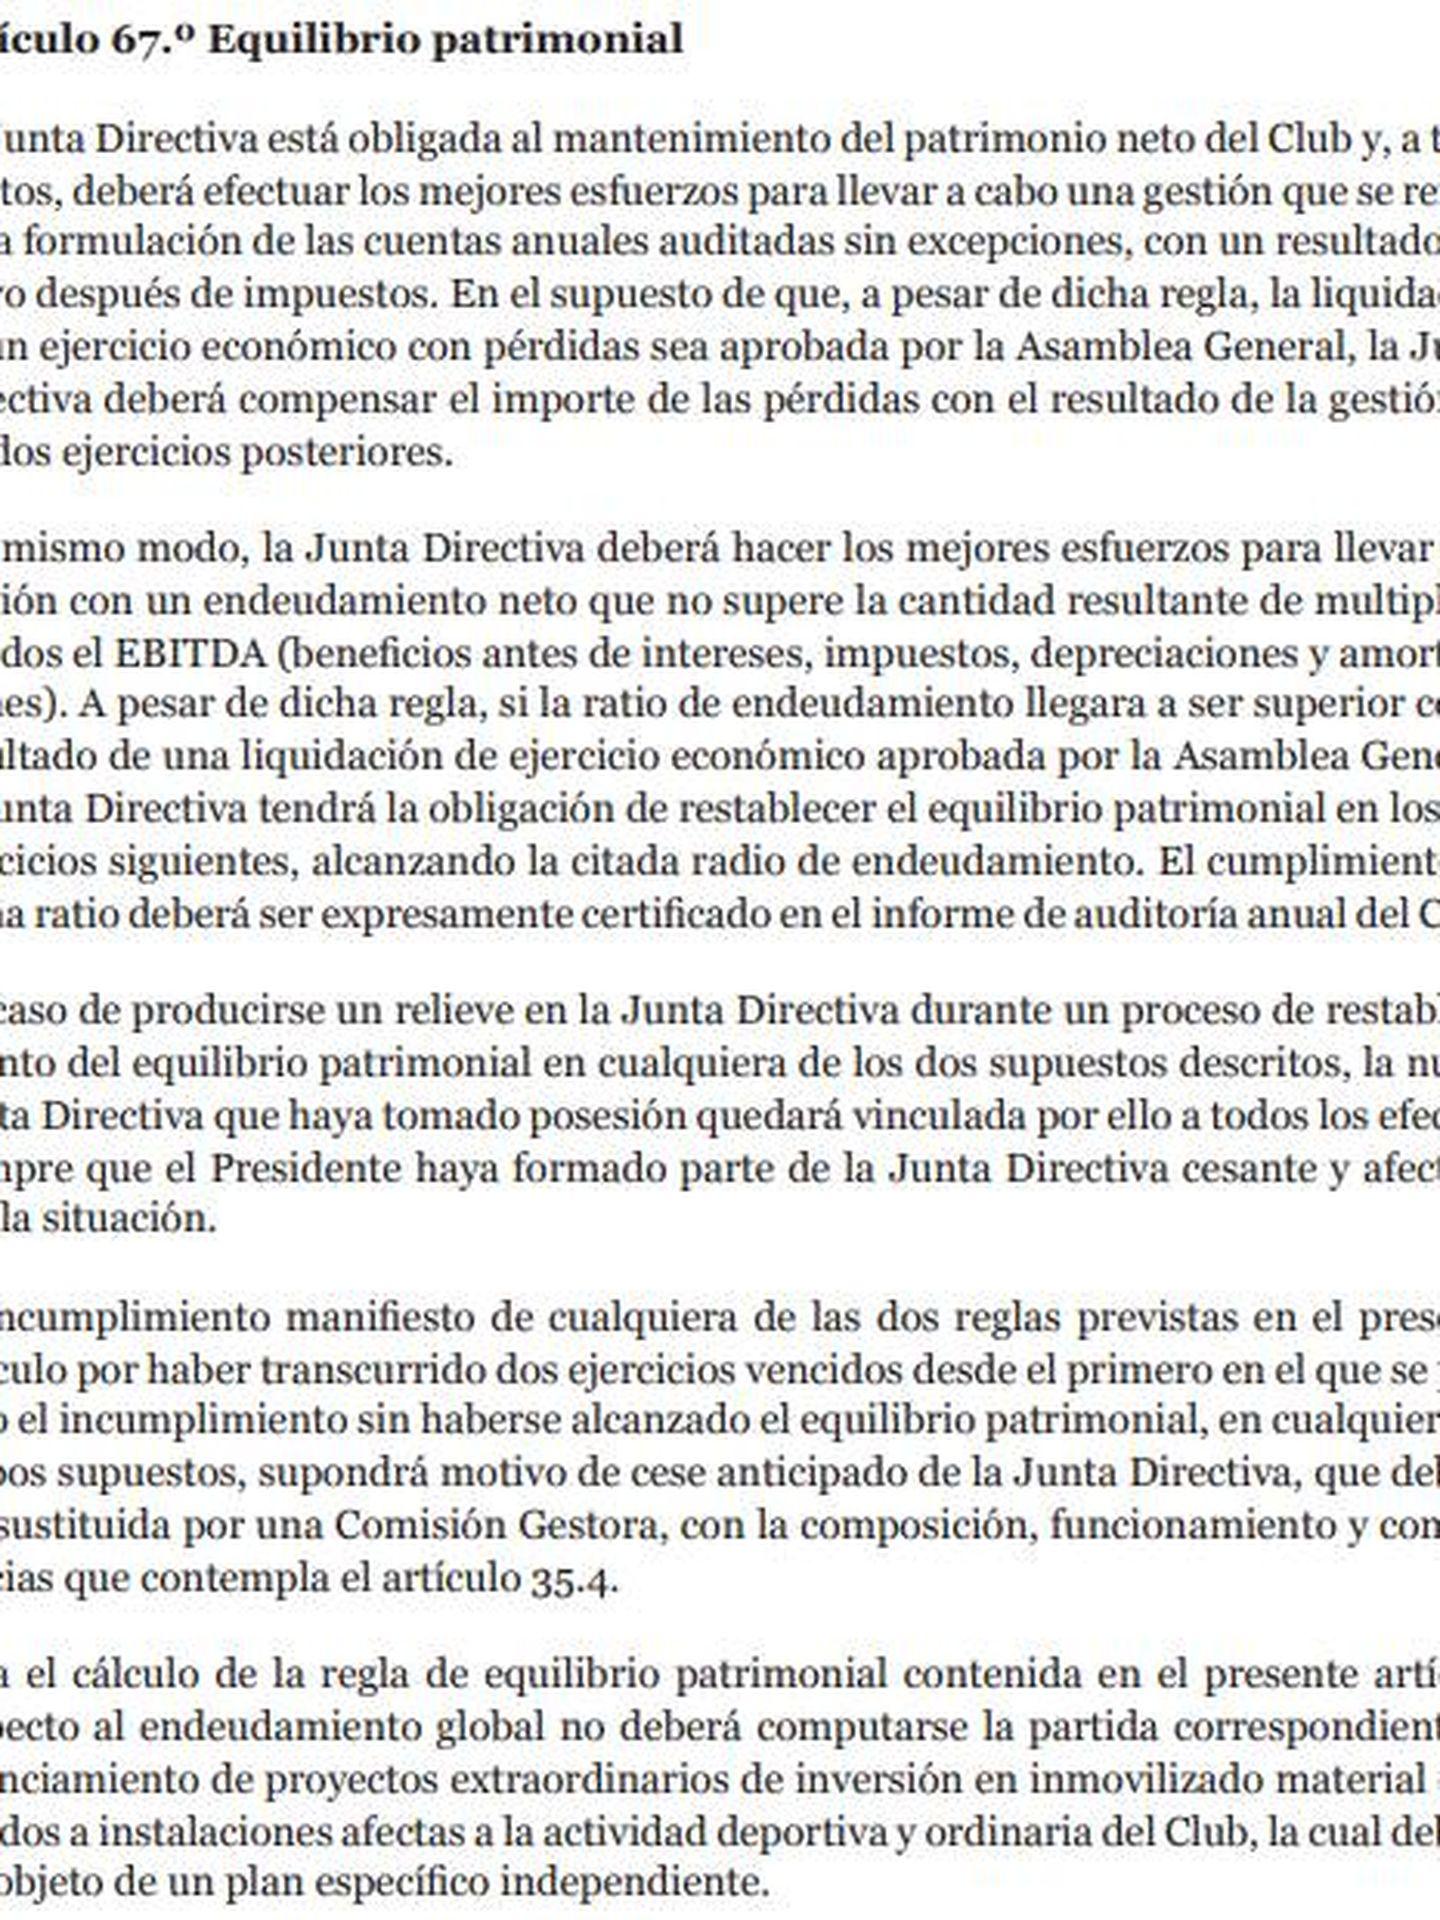 El artículo 67 de los Estatutos del FC Barcelona.